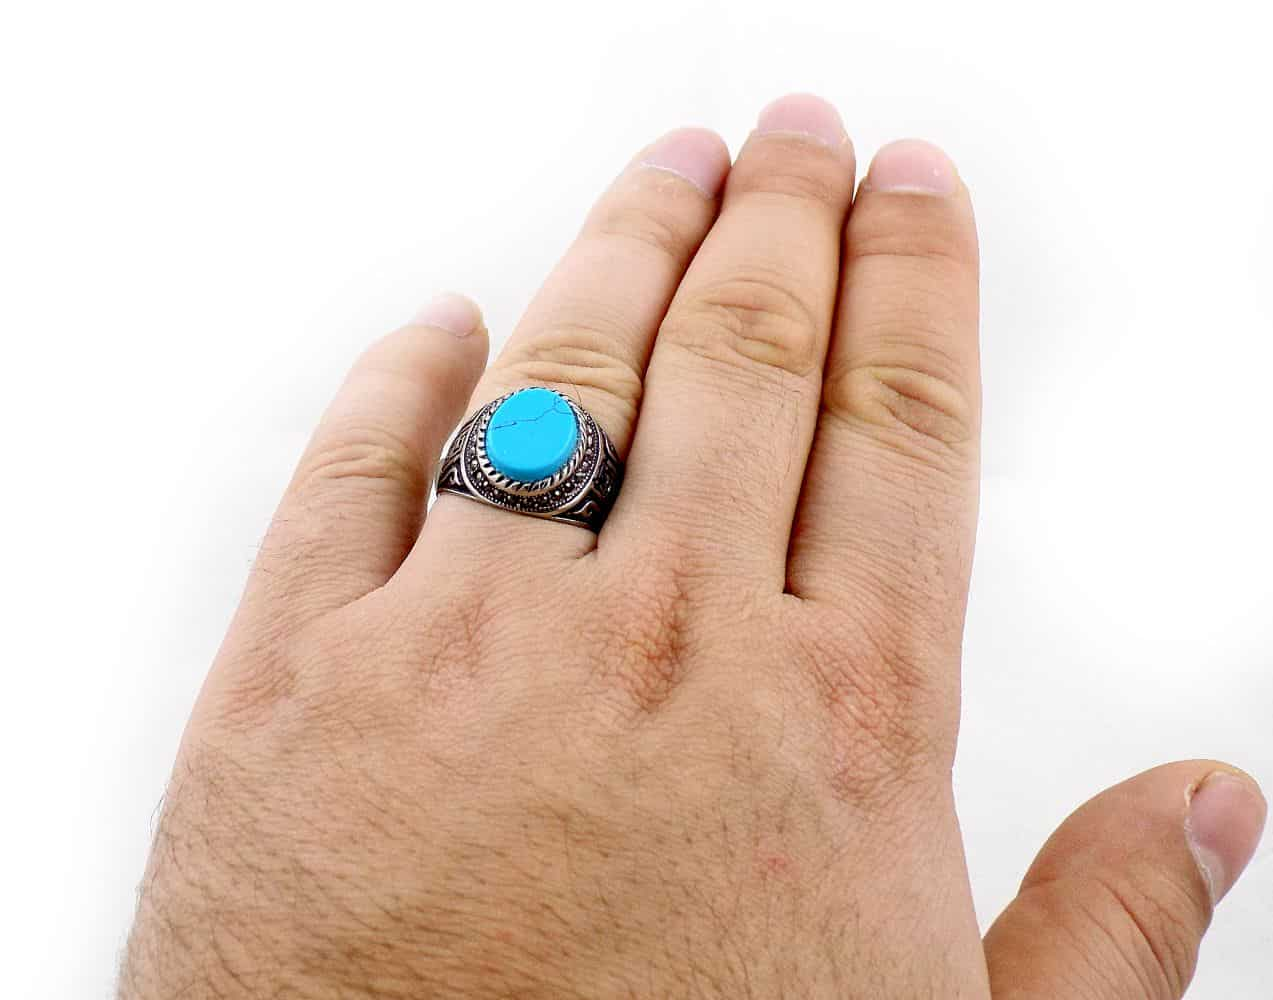 انگشتر مردانه استیل با طرح ورساچه و سنگ طرح فیروزه pr-ma114 (6)